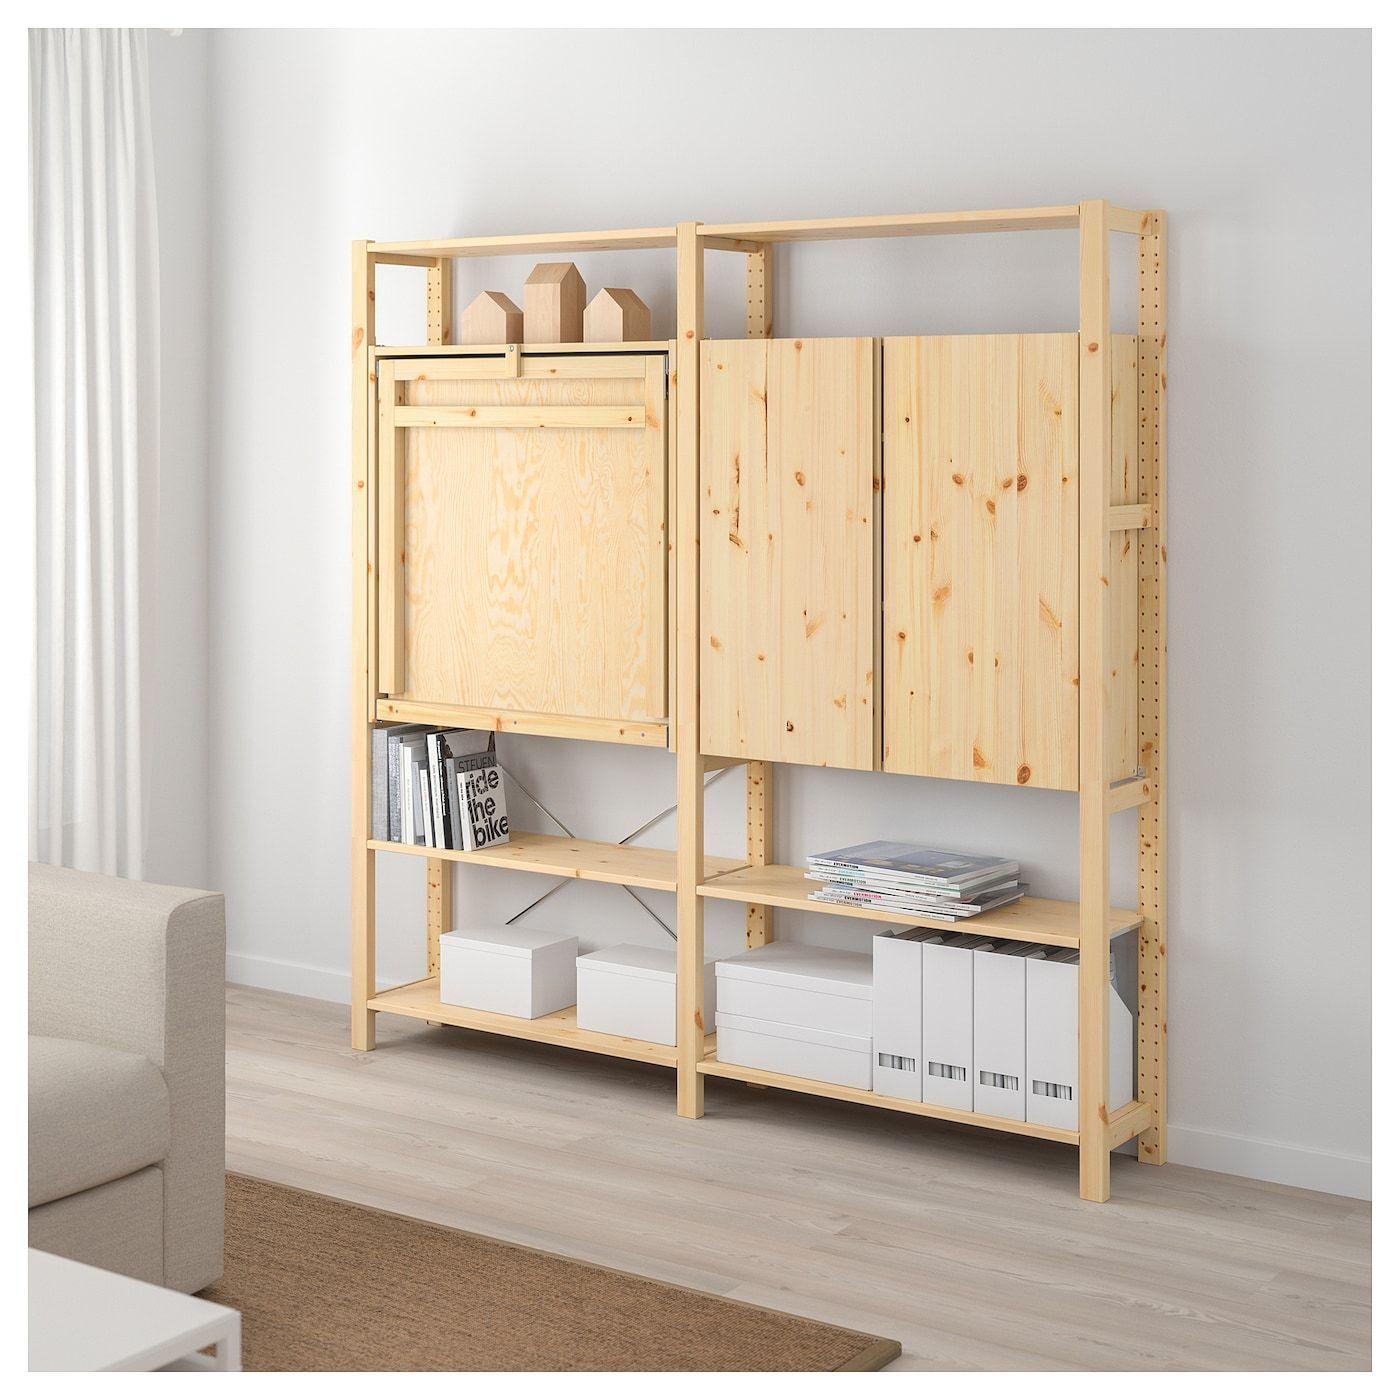 IVAR 2 Element Aufbewahrung m Klapptisch IKEA Österreich